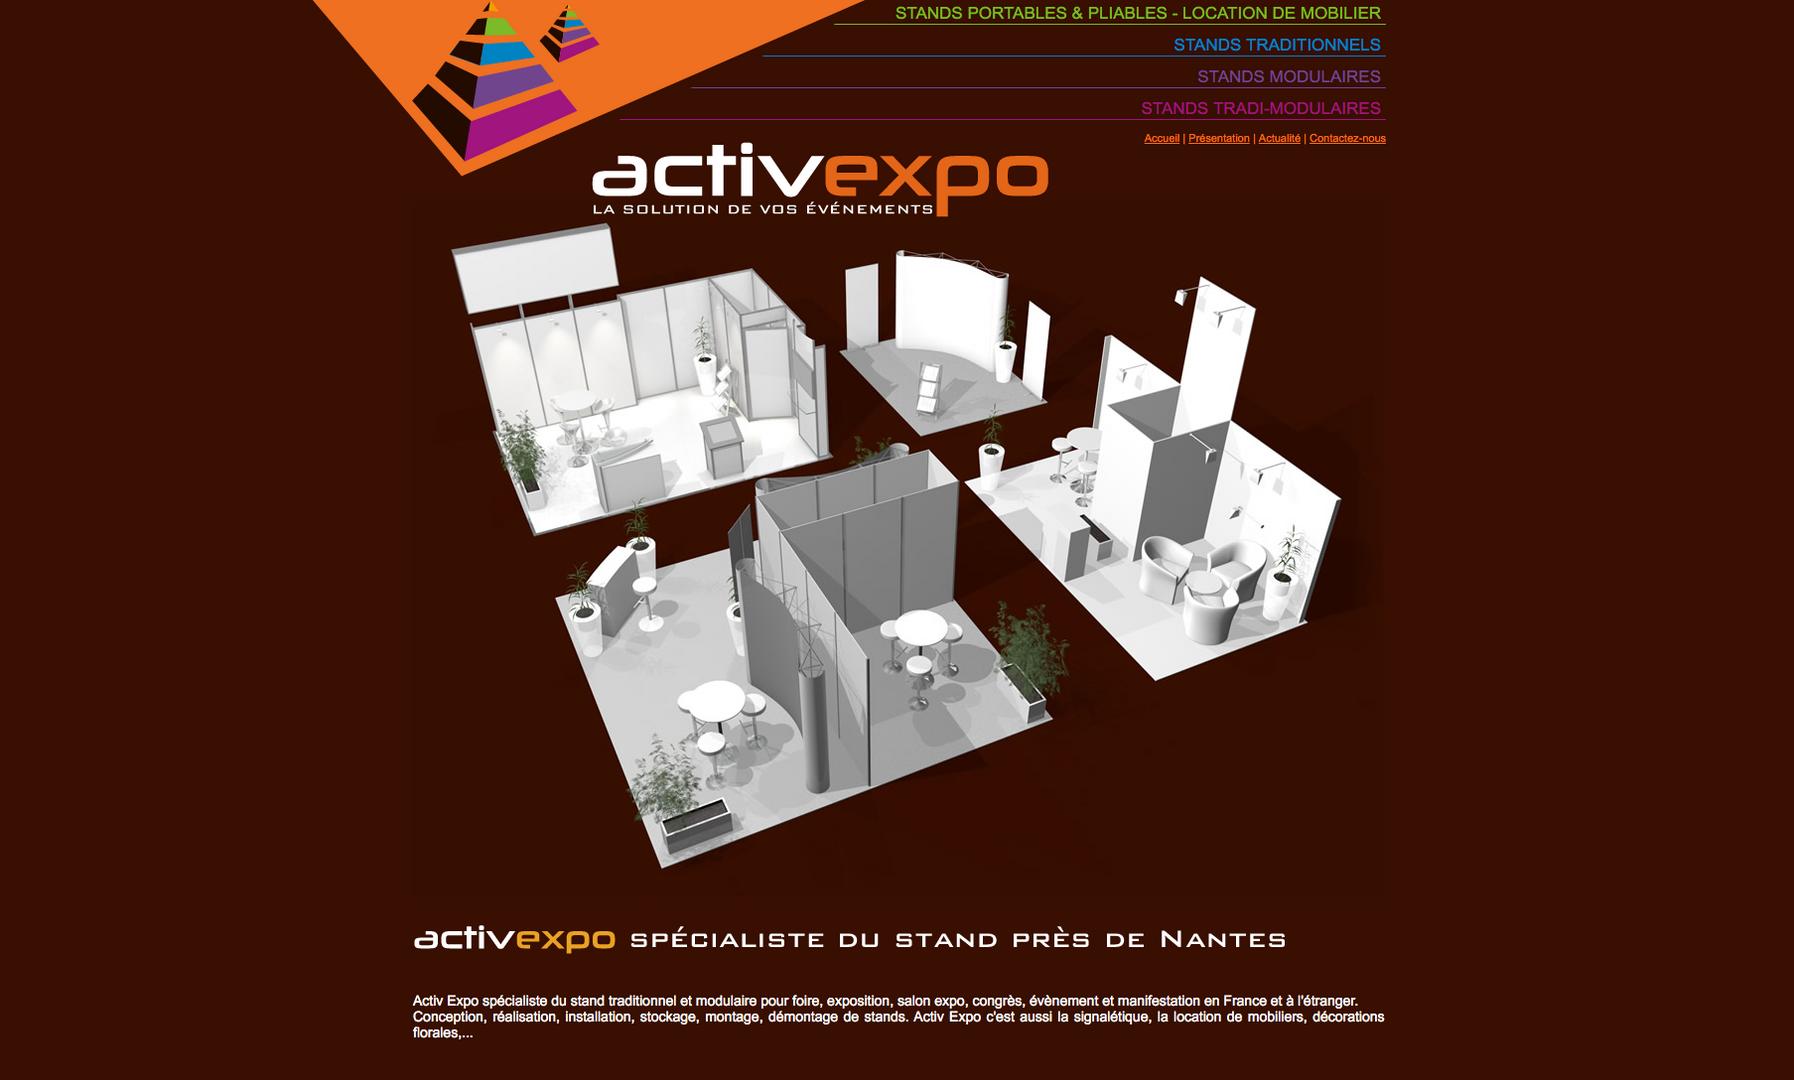 Activ Expo